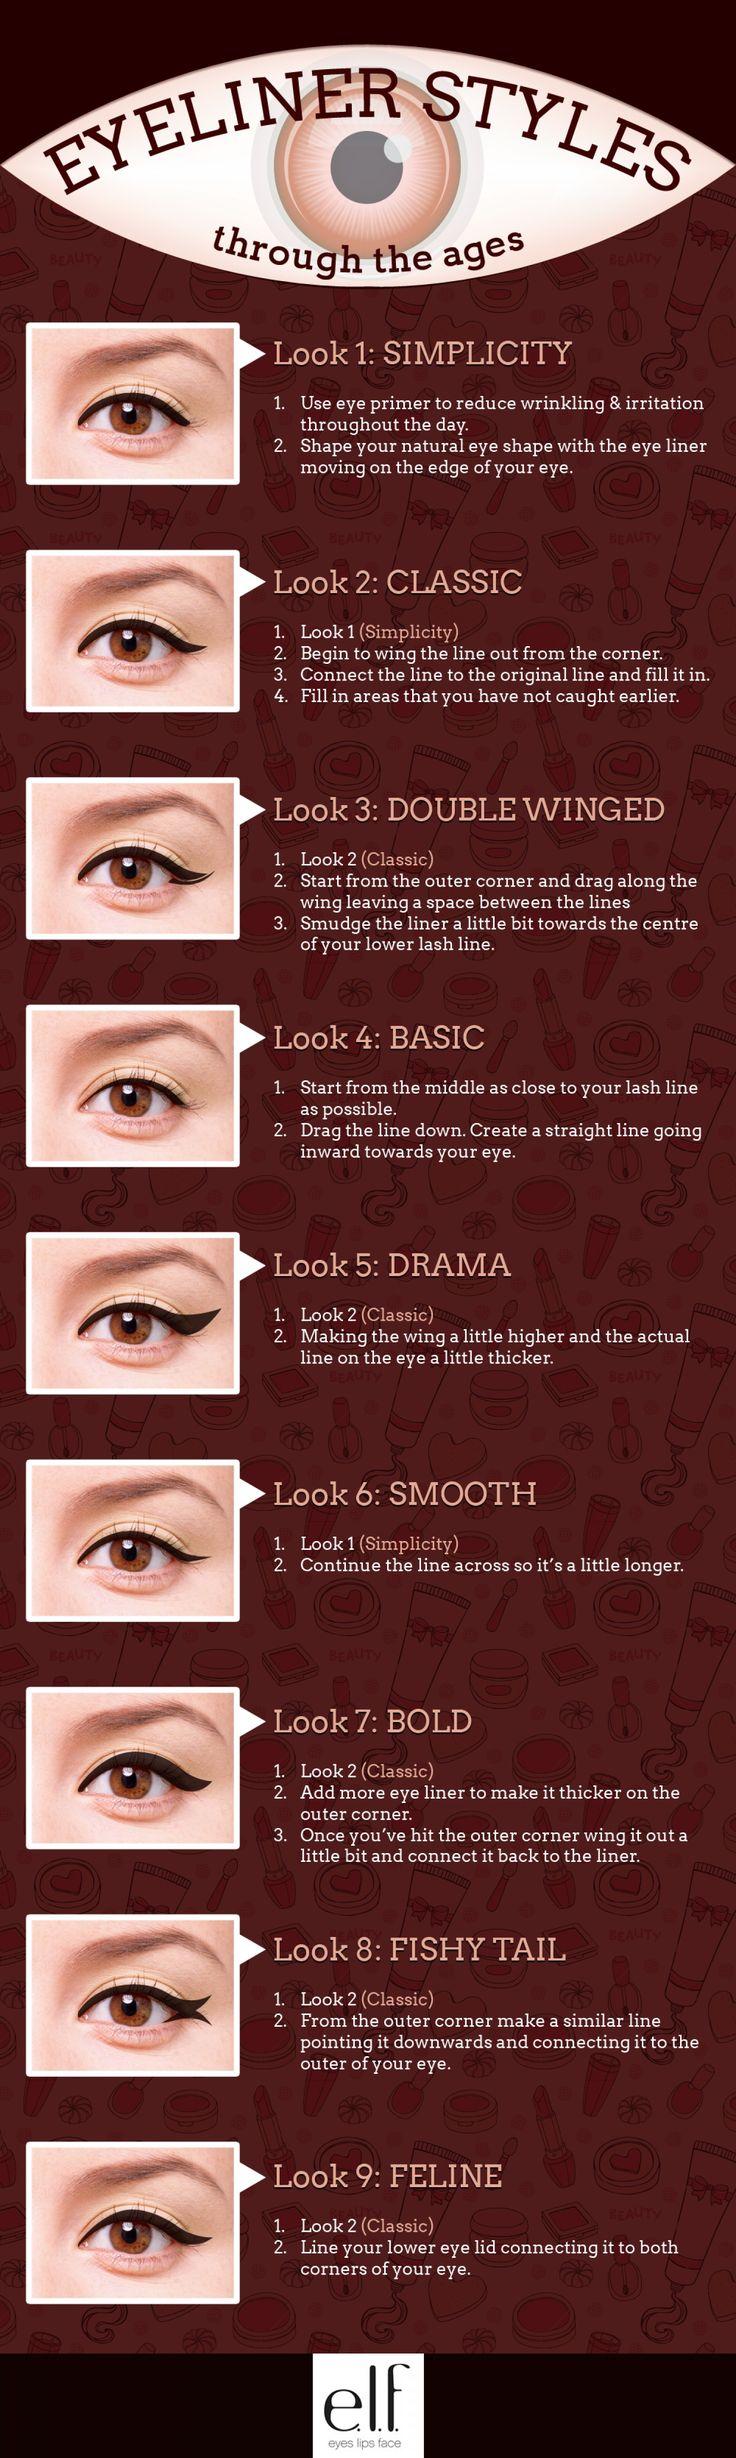 Estilos eyeliner, descubre diferentes estilos para tu eyeliner. con visual.ly #Maquillaje #MakeUp #Eyeliner #Belleza